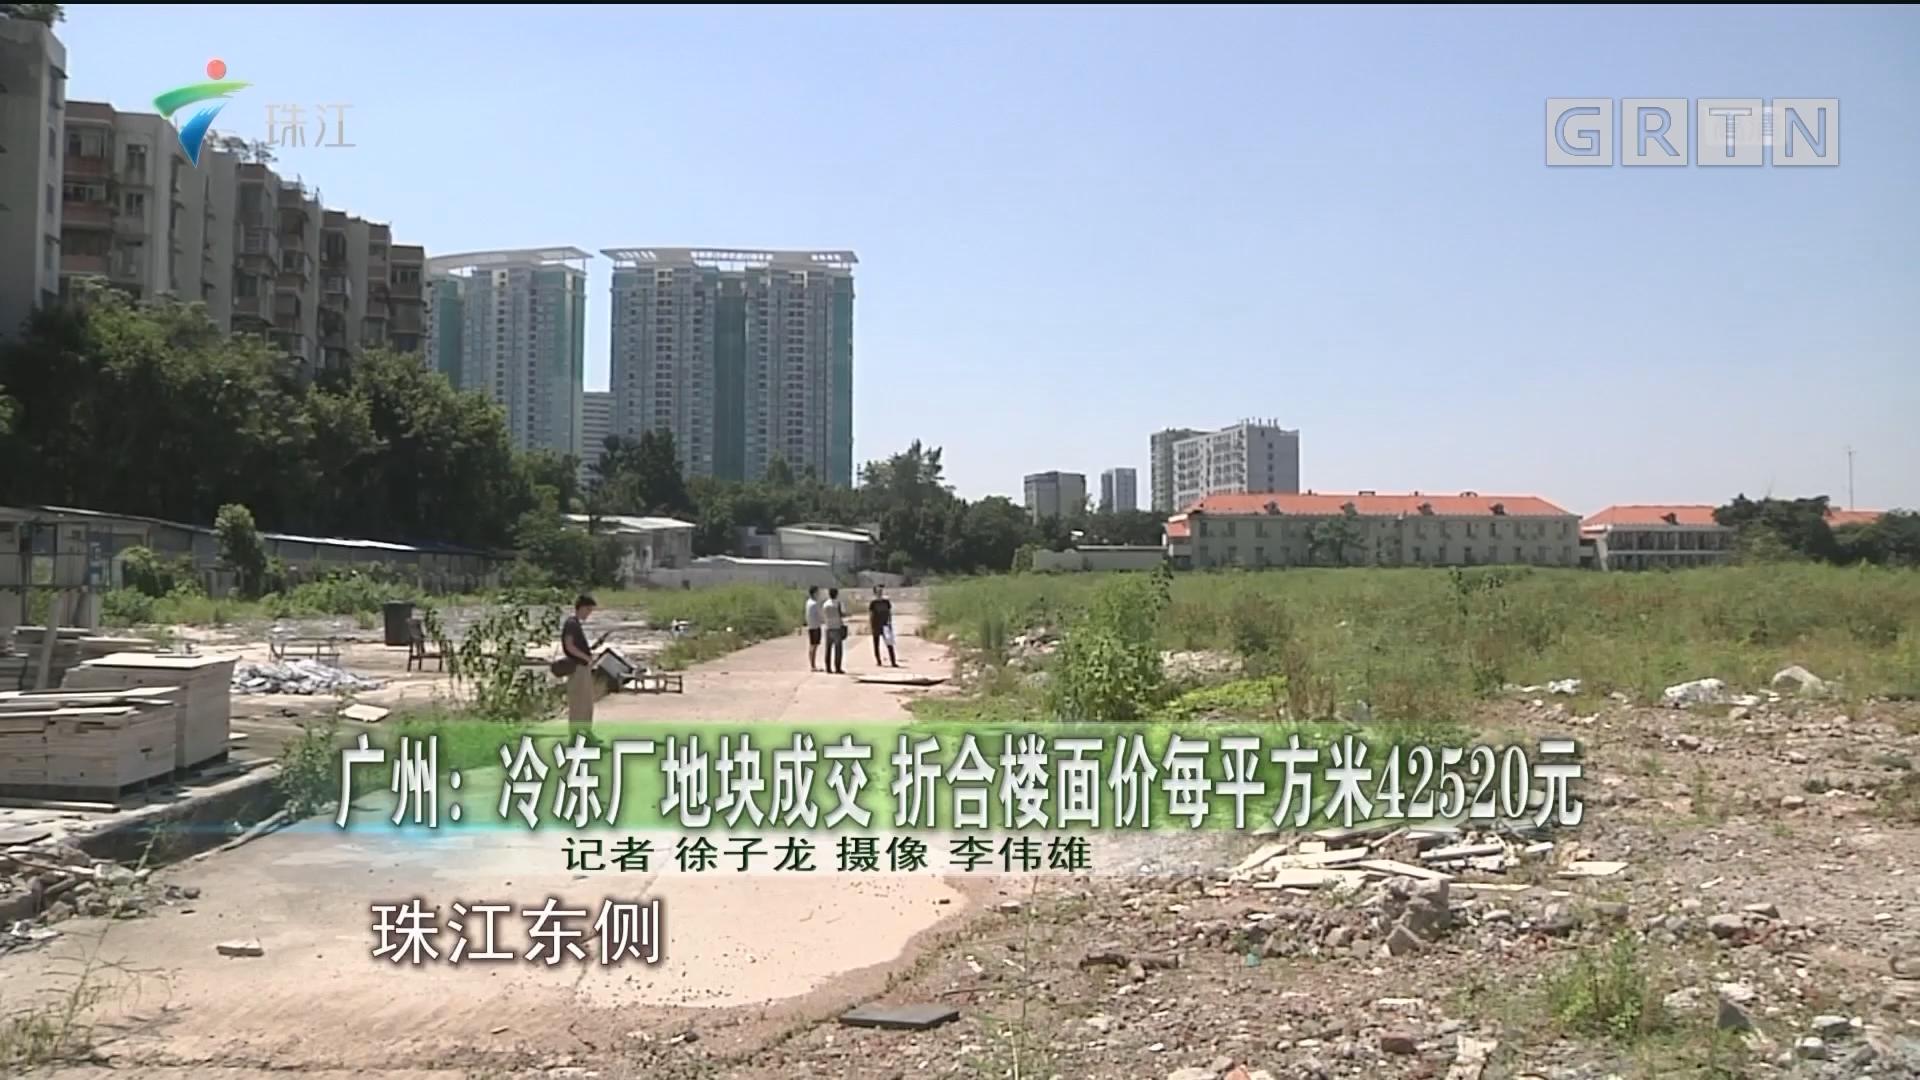 广州:冷冻厂地块成交 折合楼面价每平方米42520元